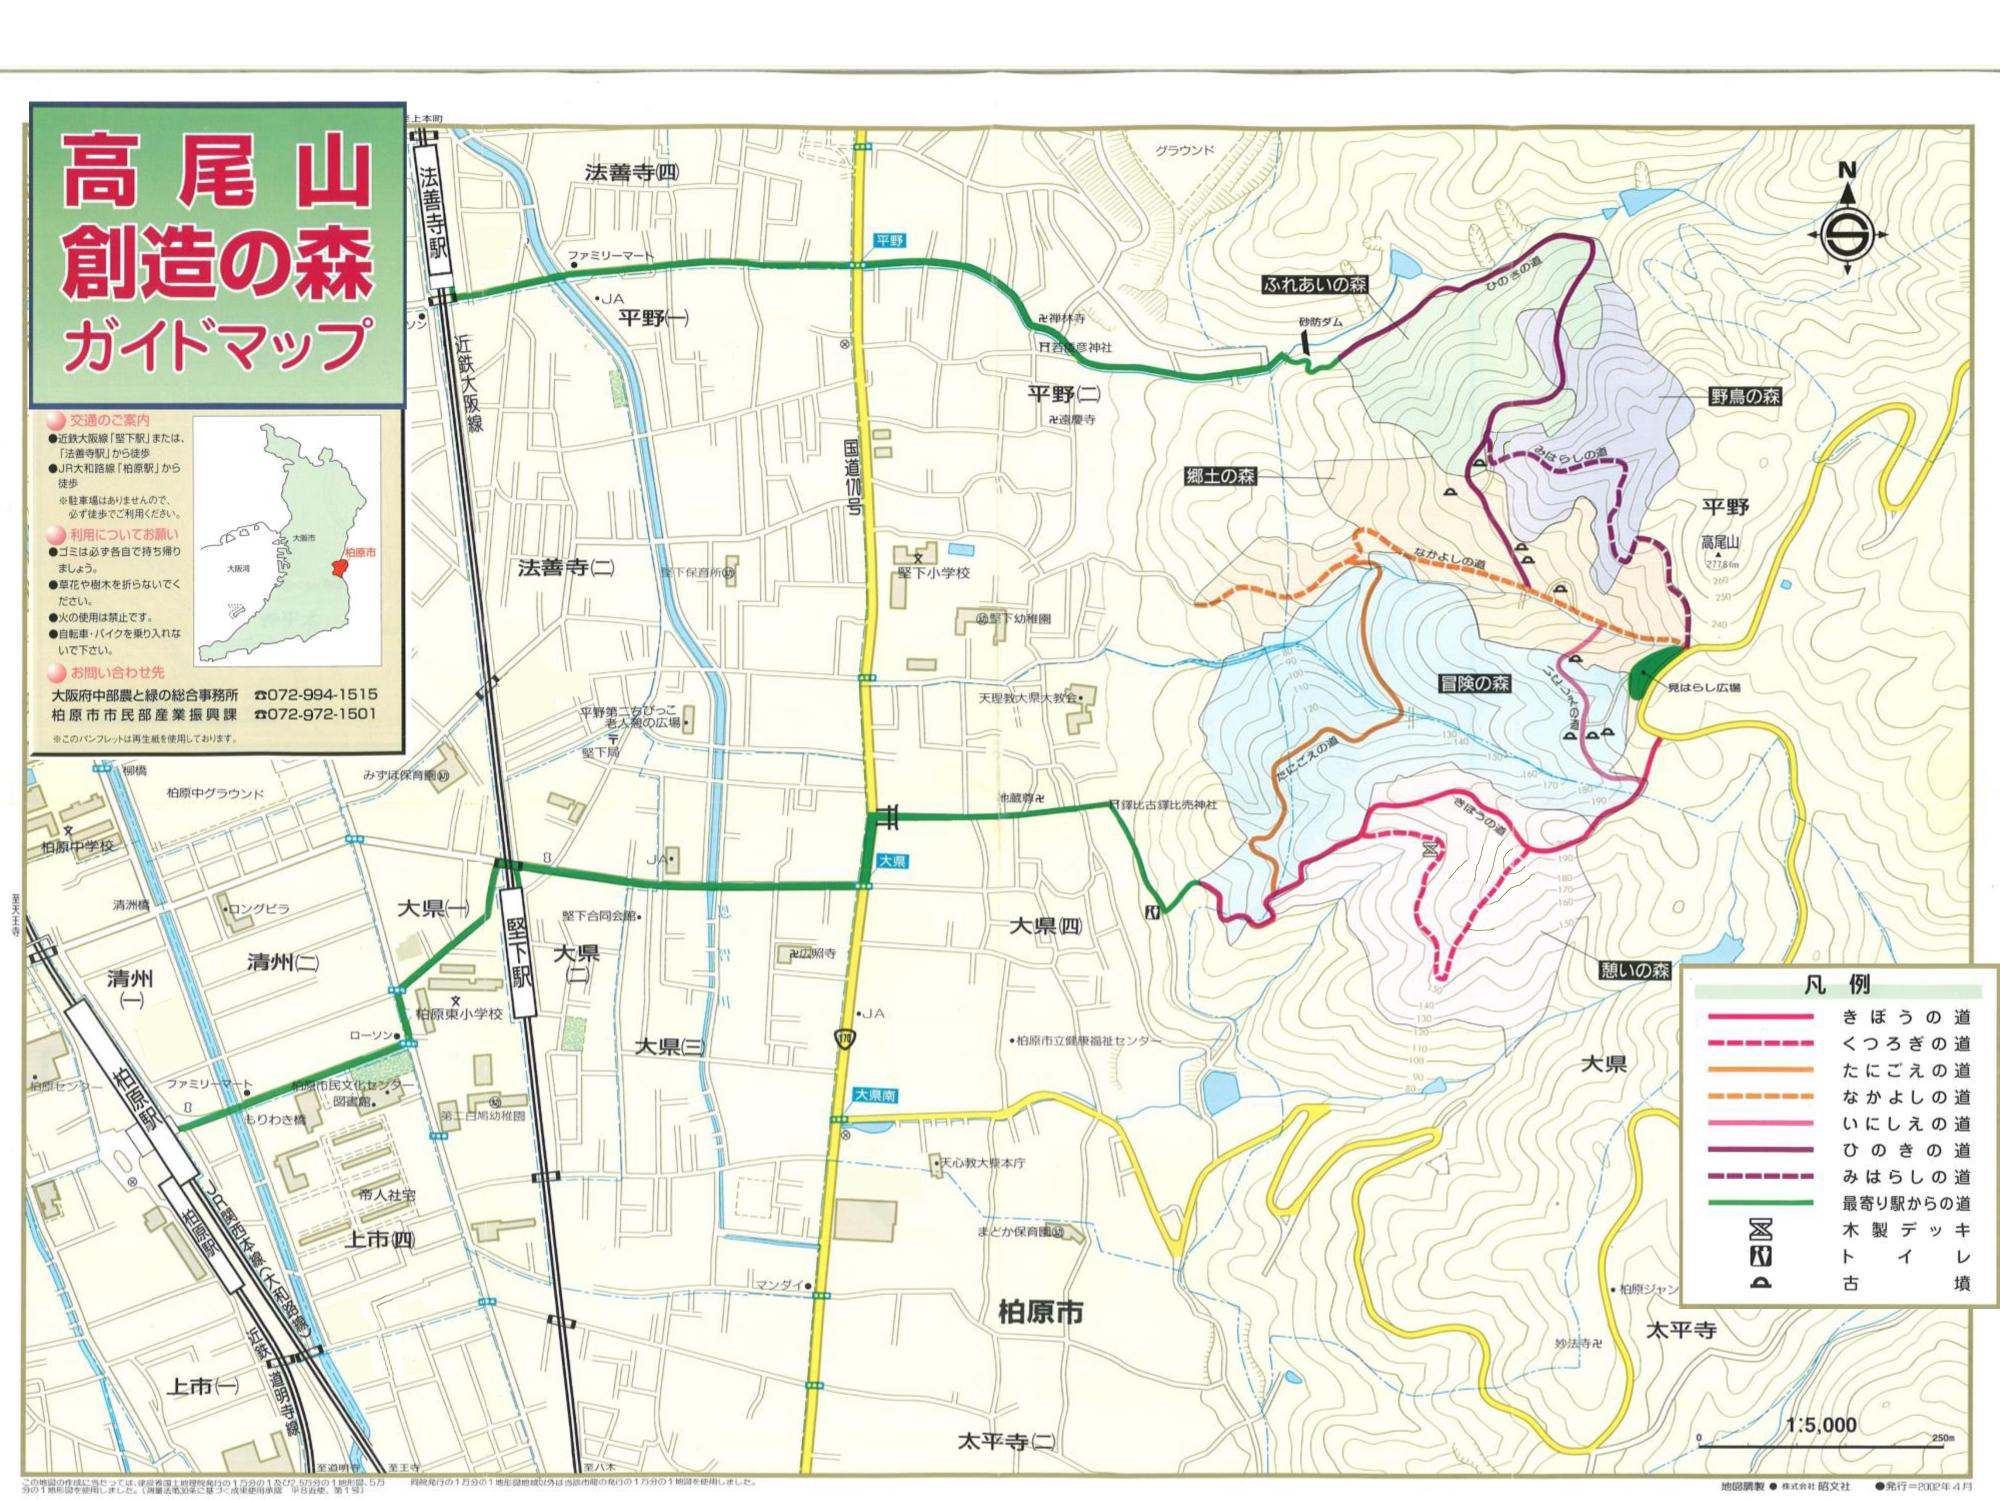 高尾山創造の森ガイドマップ